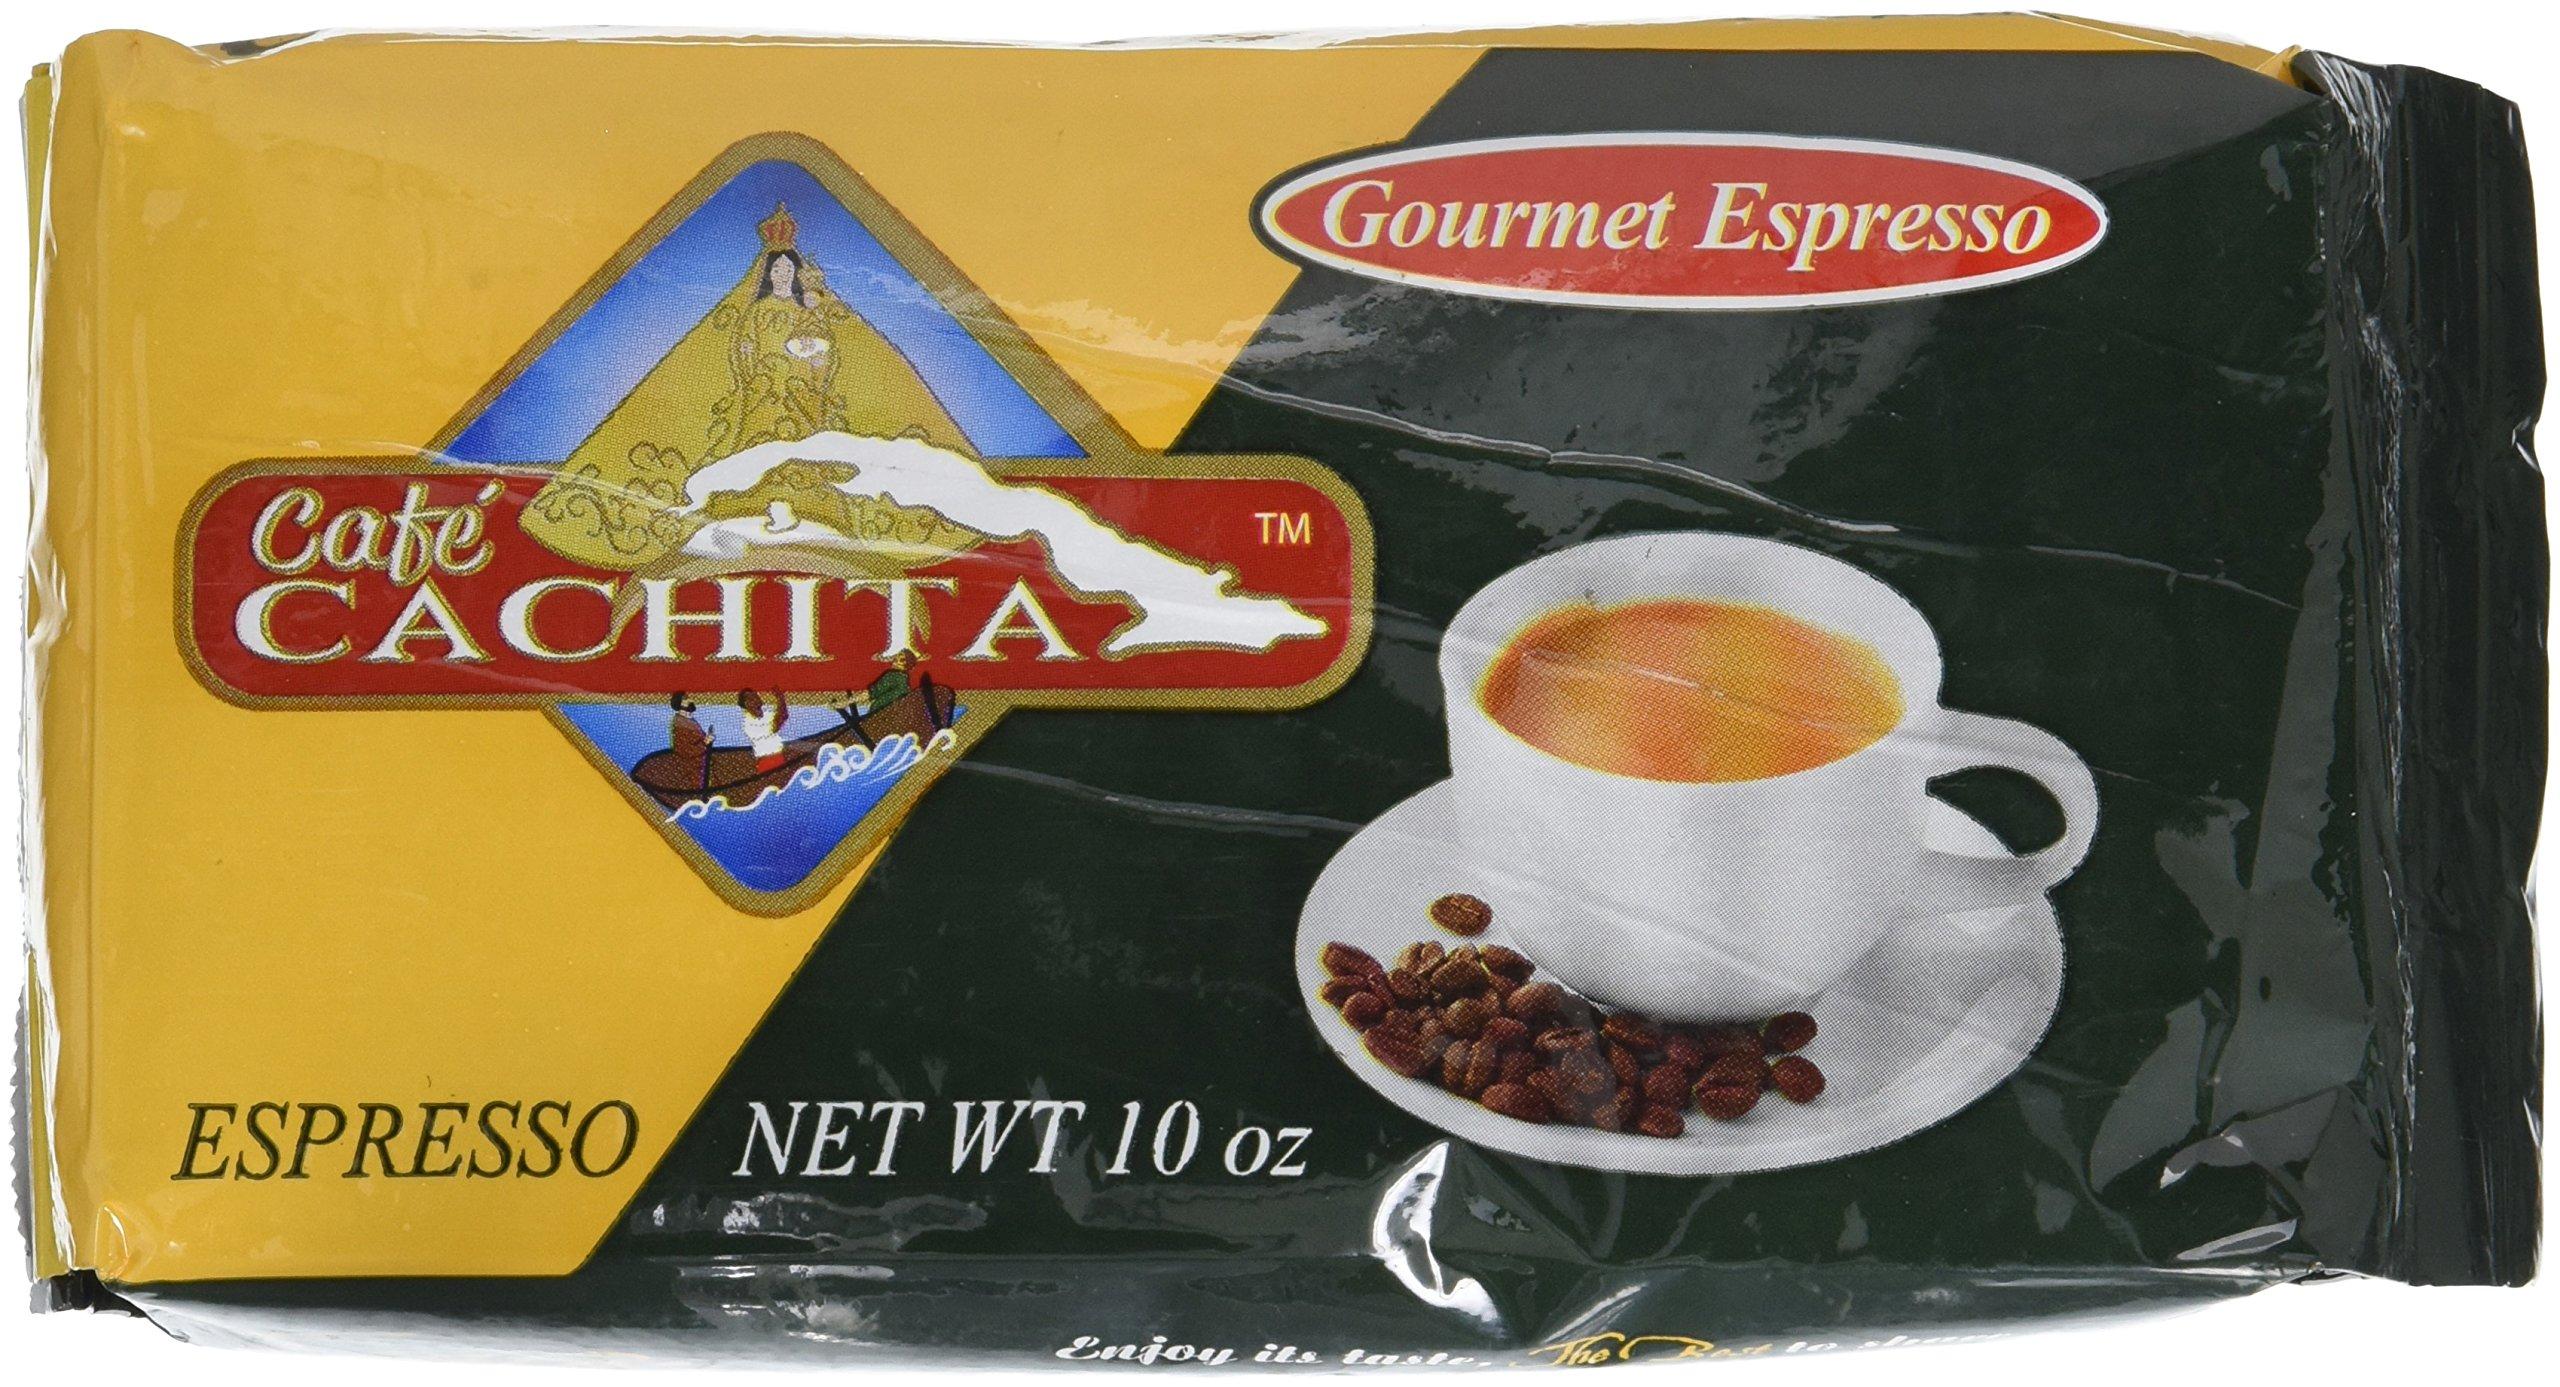 Cafe Cachita Gourmet Espresso 8.8 oz